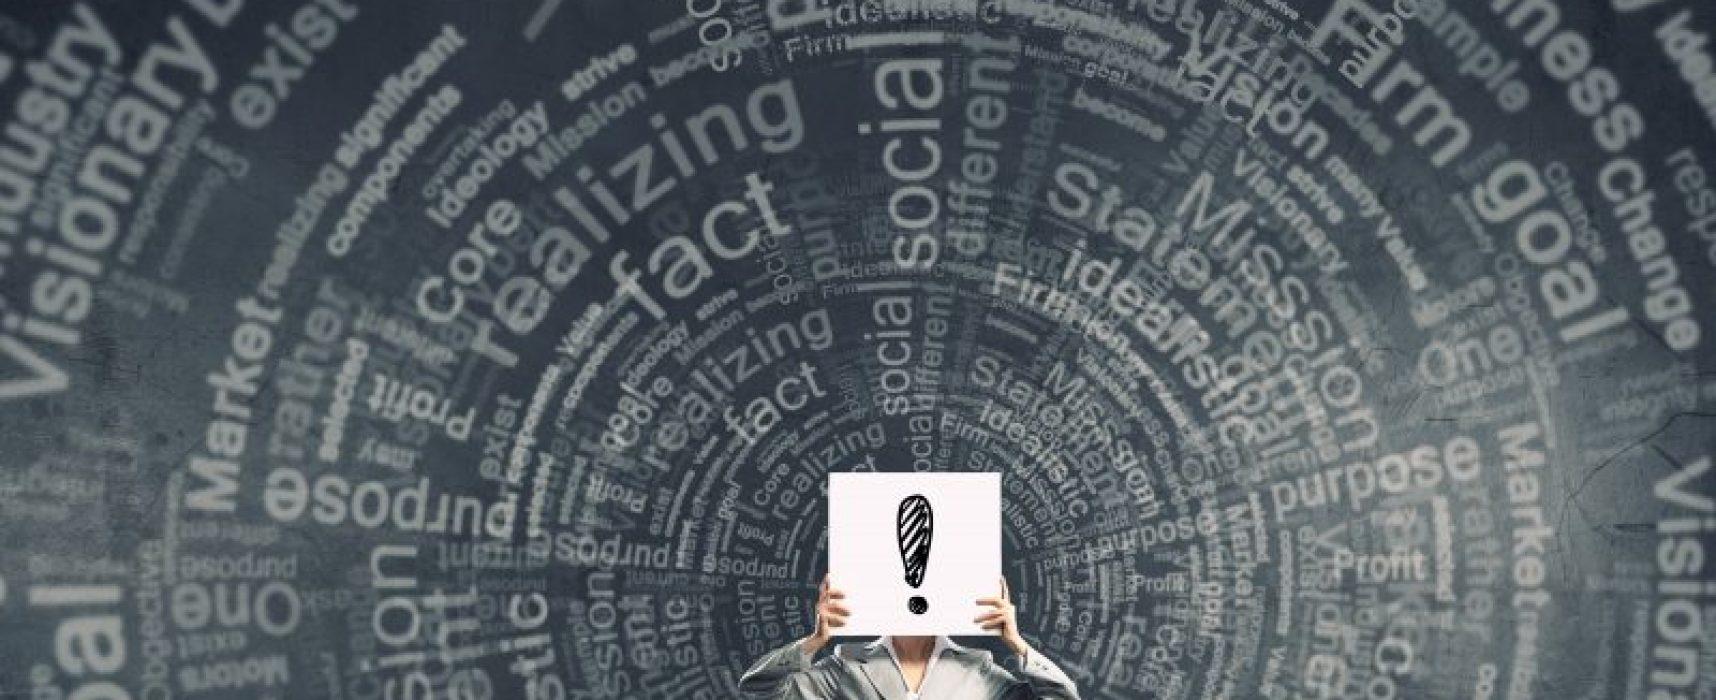 Autriche veut encadrer l'anonymat pour lutter contre la haine en ligne